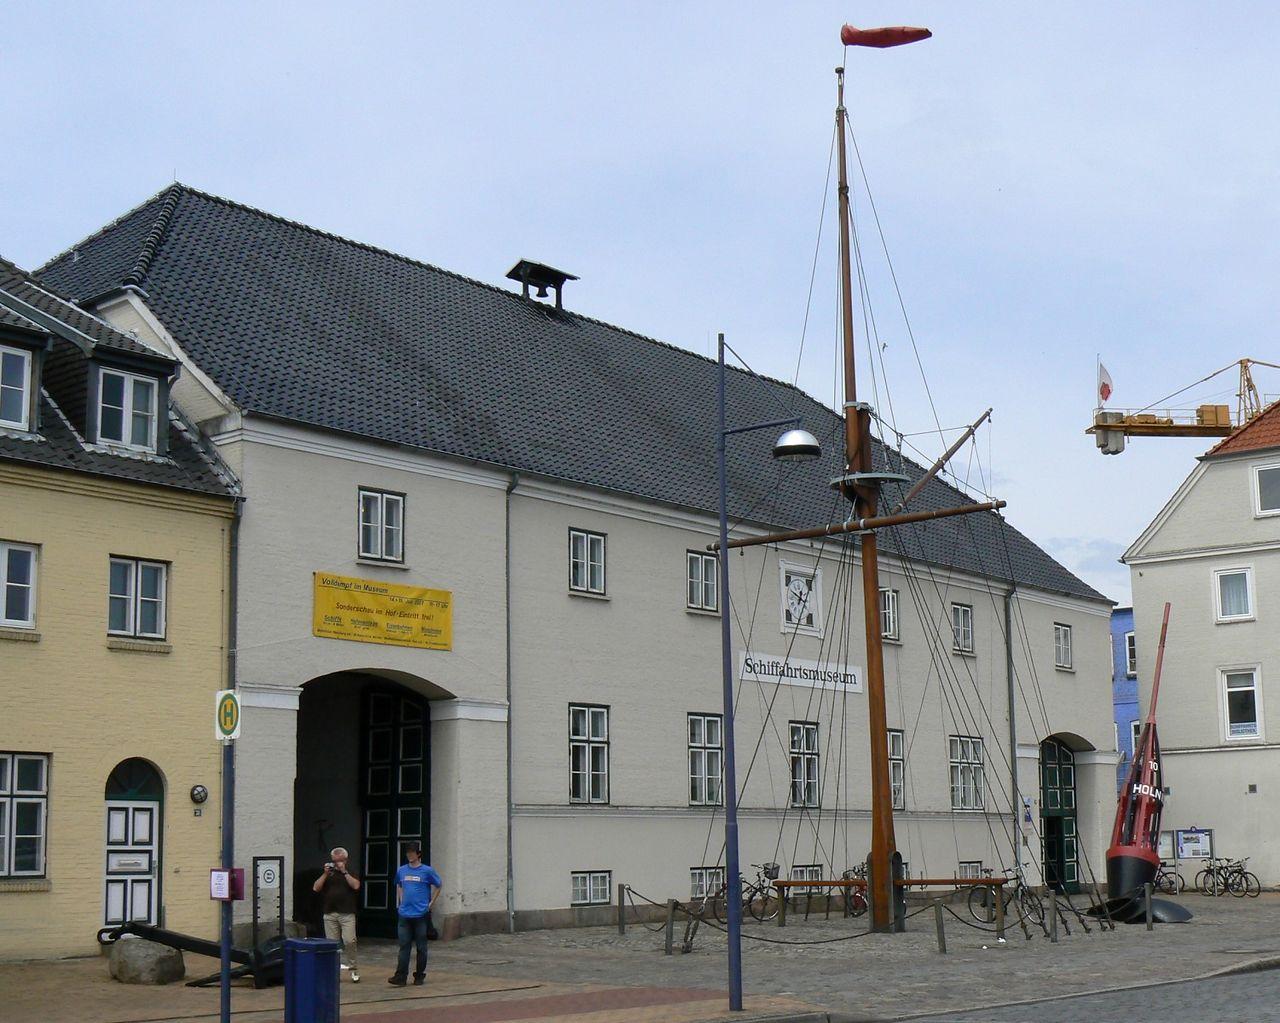 Bild Schiffahrtsmuseum Flensburg